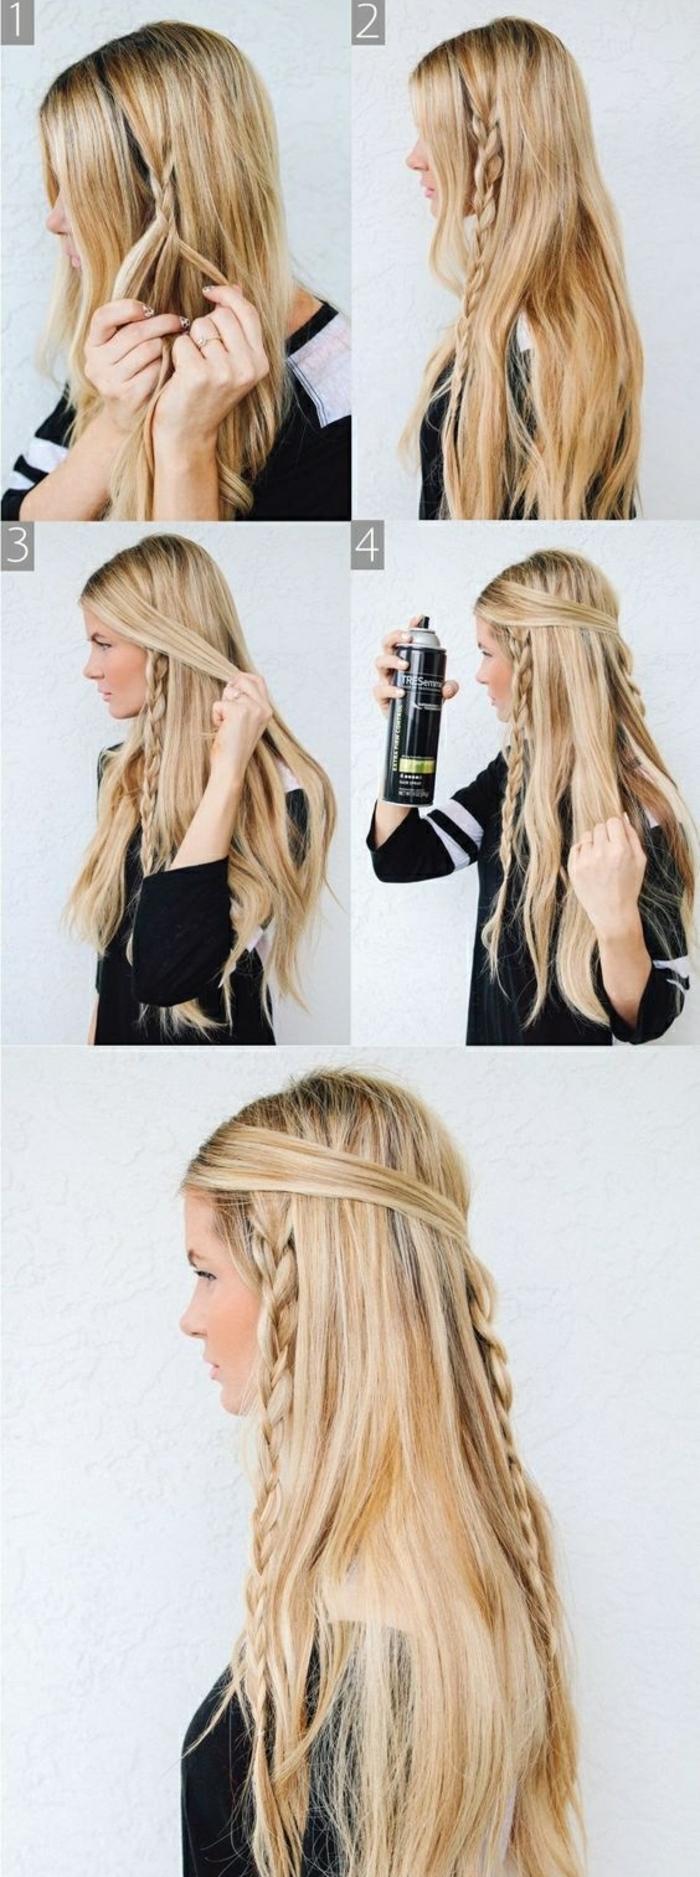 coiffure viking, tutoriel comment faire des tresses, cheveux blonds et raides, blouse noir et blanc